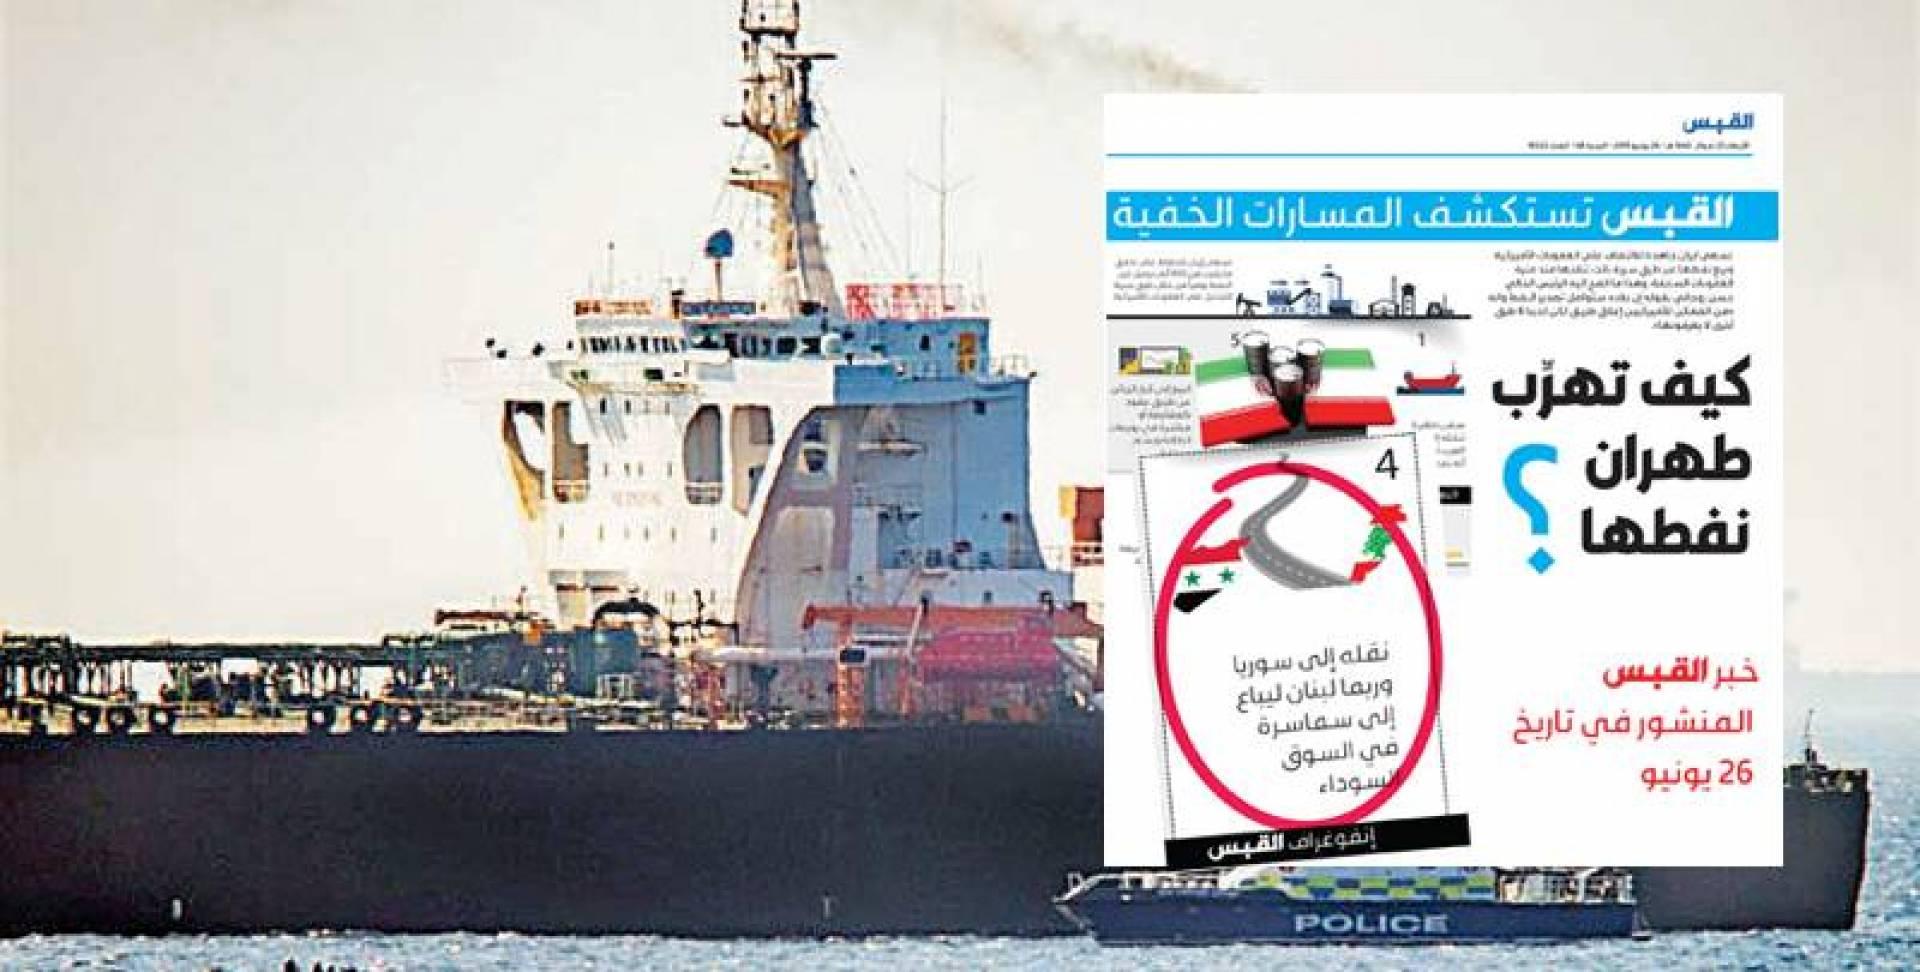 الناقلة «غريس 1» قرب سفينة دورية تابعة لقوات المارينز البحرية في إقليم جبل طارق البريطاني أمس   أ ب